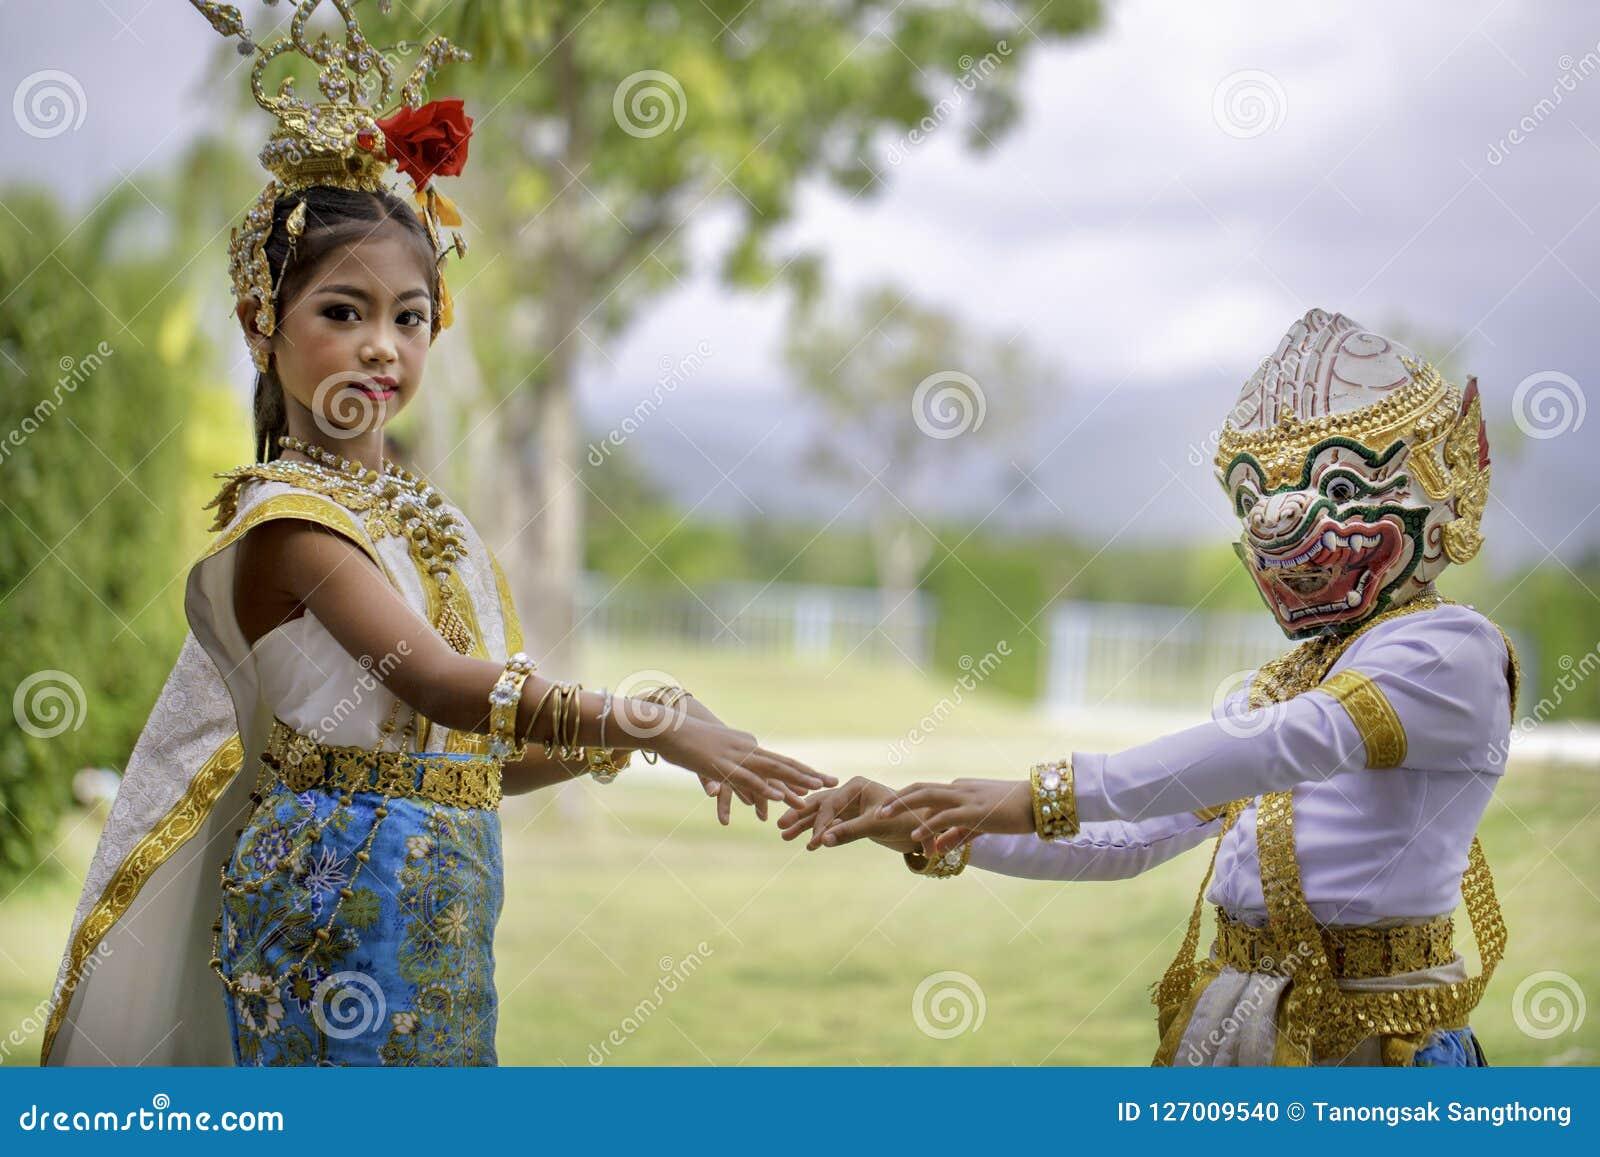 Thailändisches Mädchen kleidete in khon Kleid an